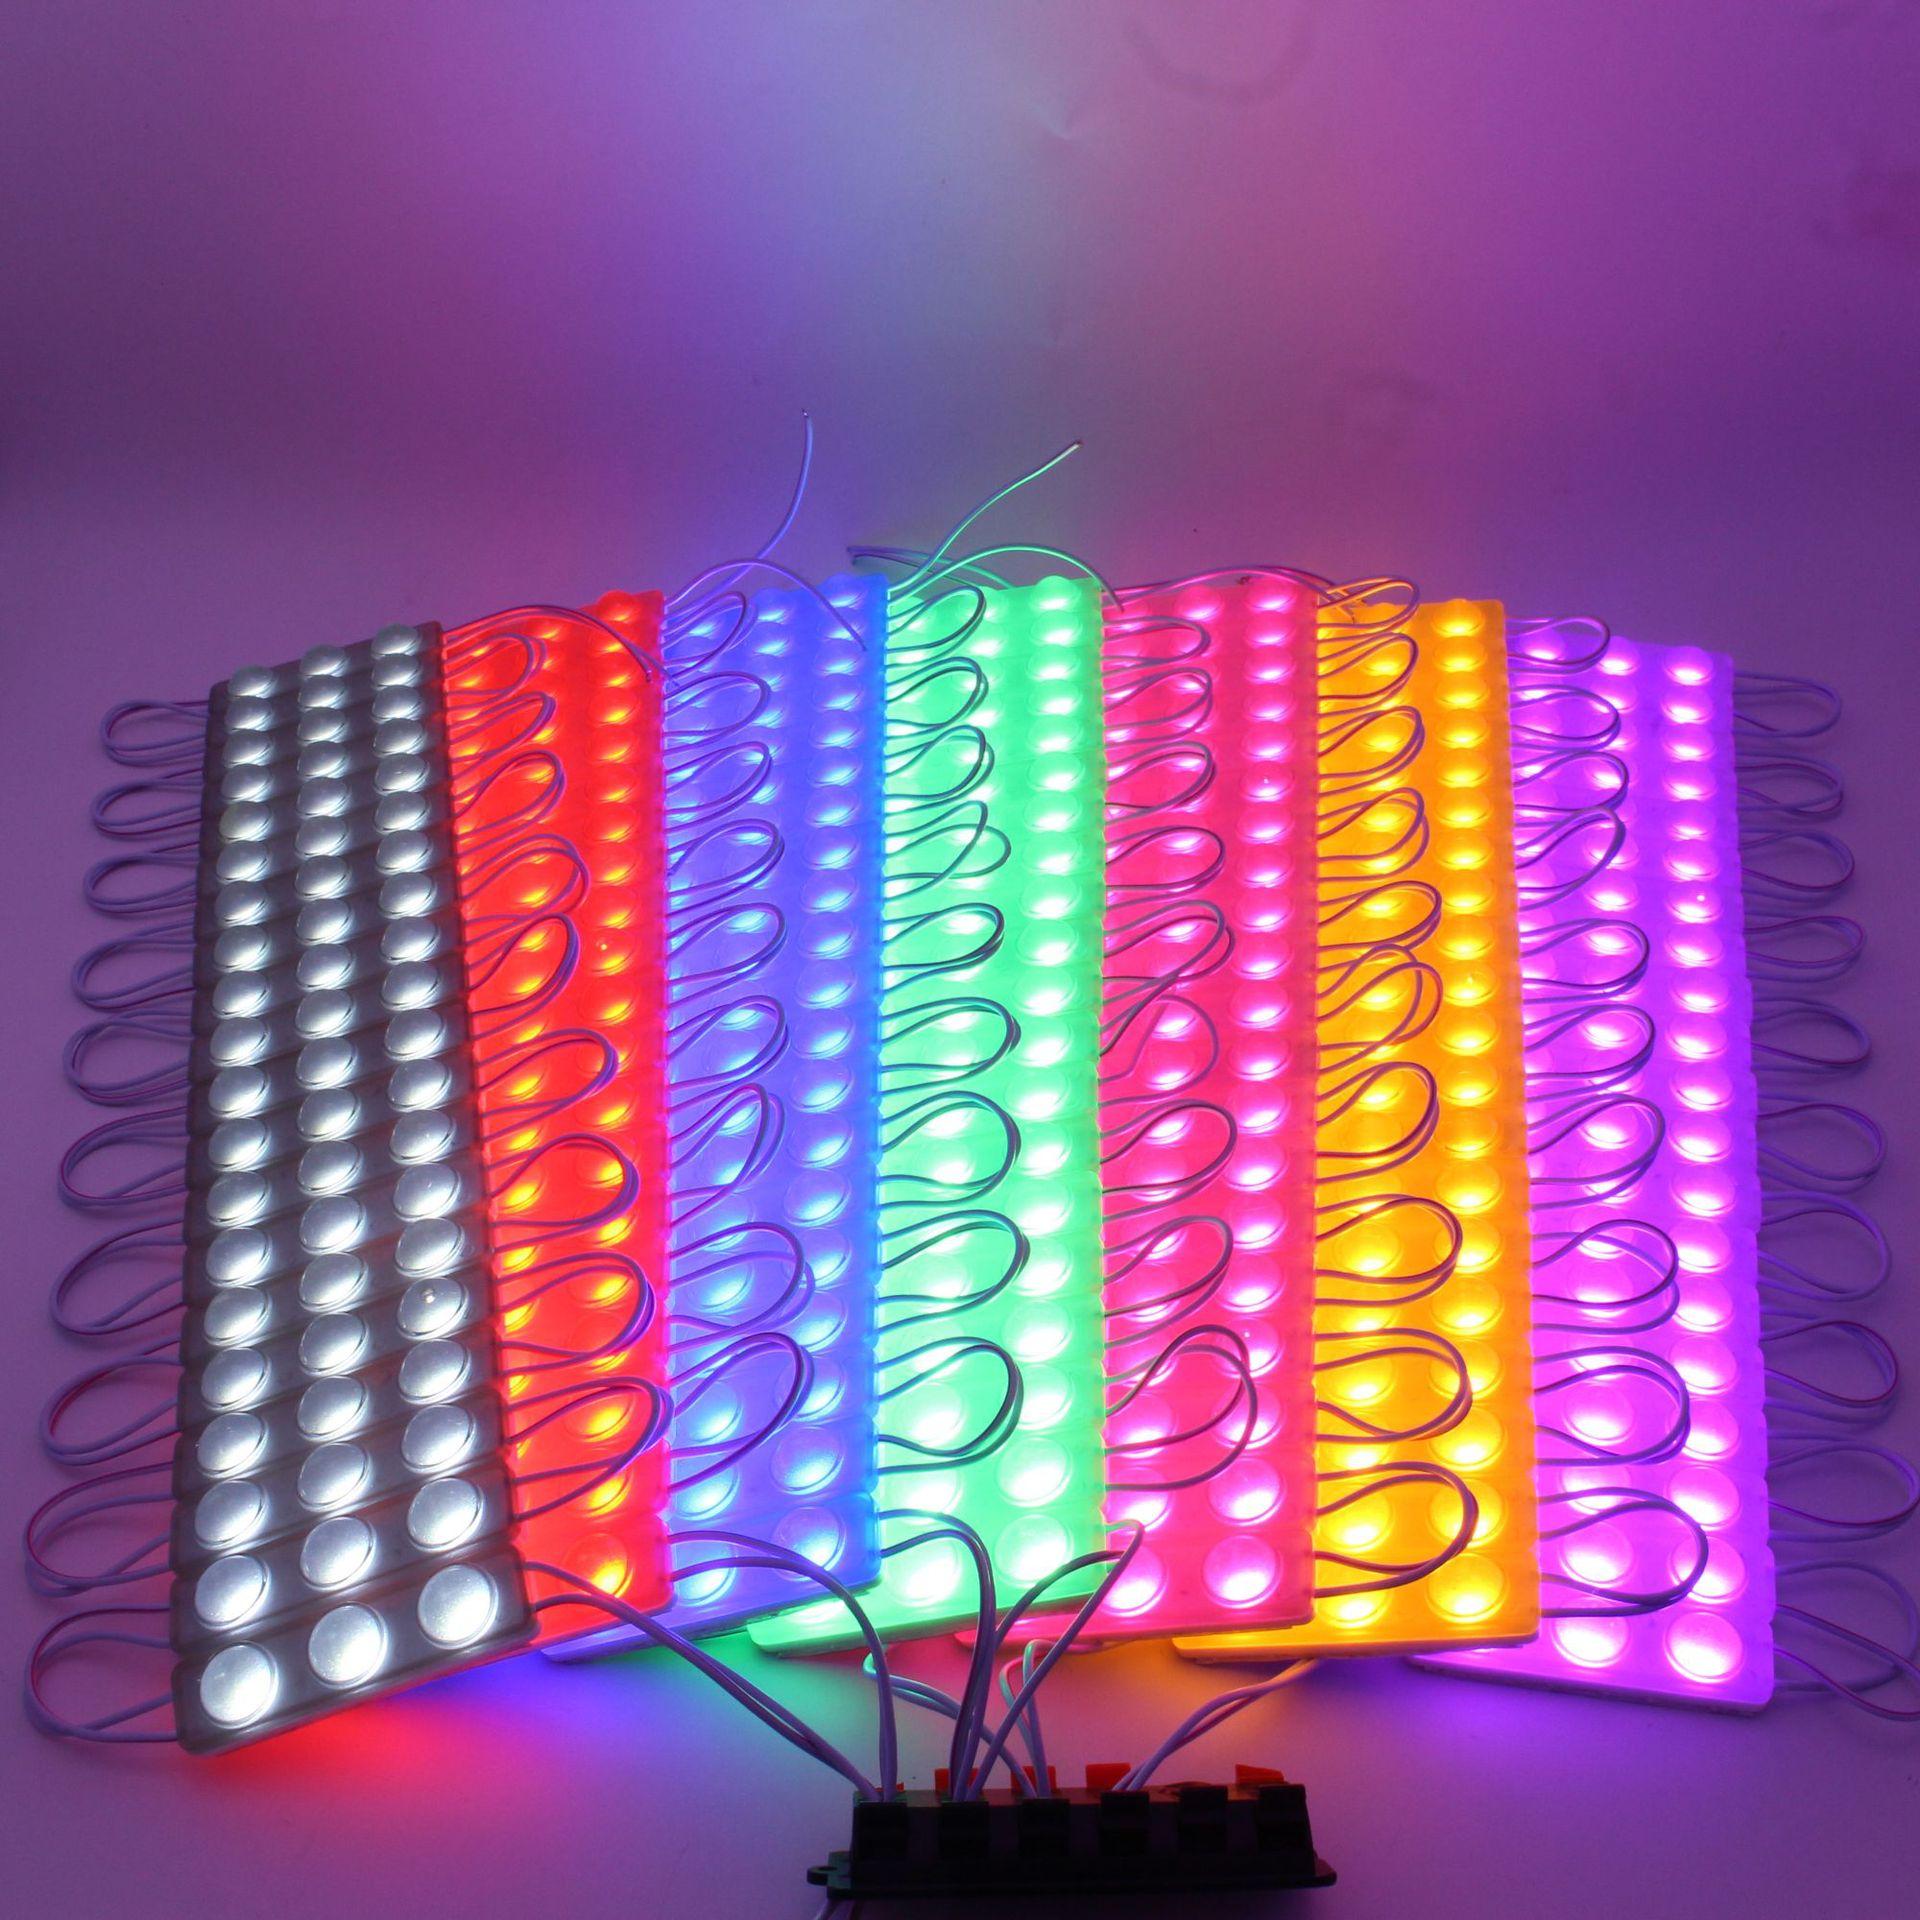 2000Pcs 12V 24V LED Module Advertising Light 2835 1.5W Waterproof Super Bright Led Sign Backlights Outdoor Led String